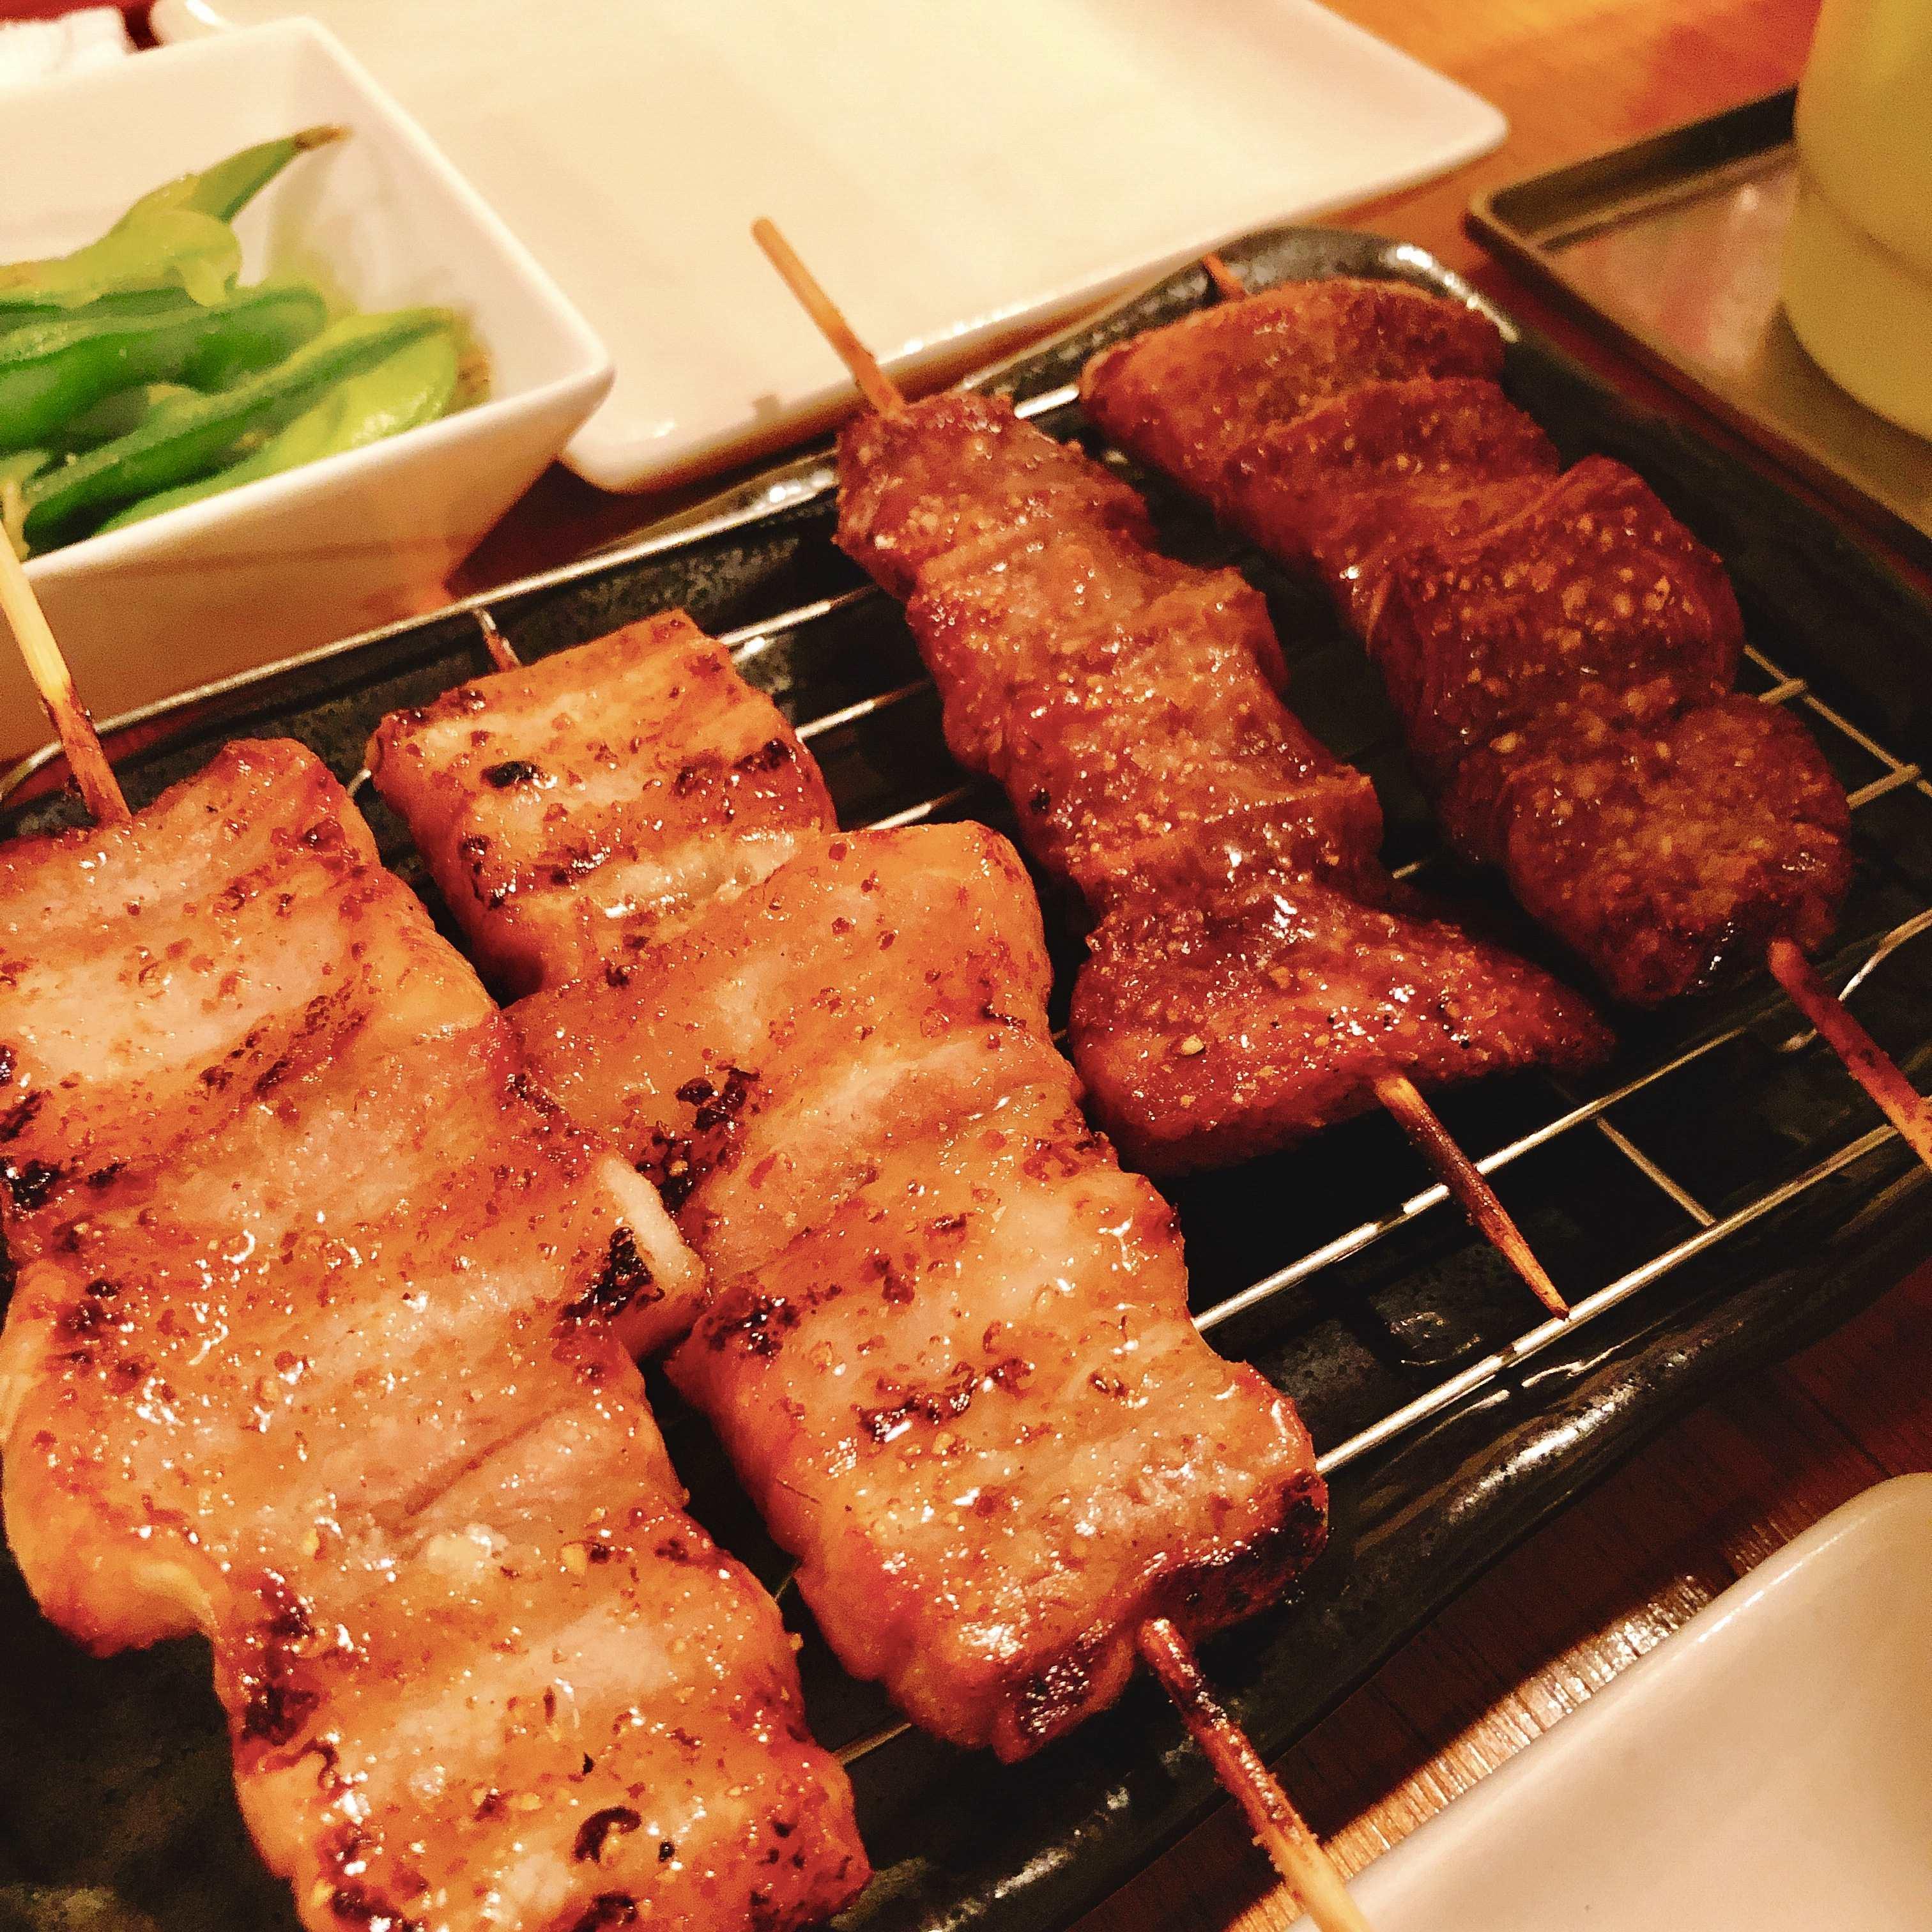 予算4000円 京橋では珍しい焼きトンを食べられる「チチカブ」